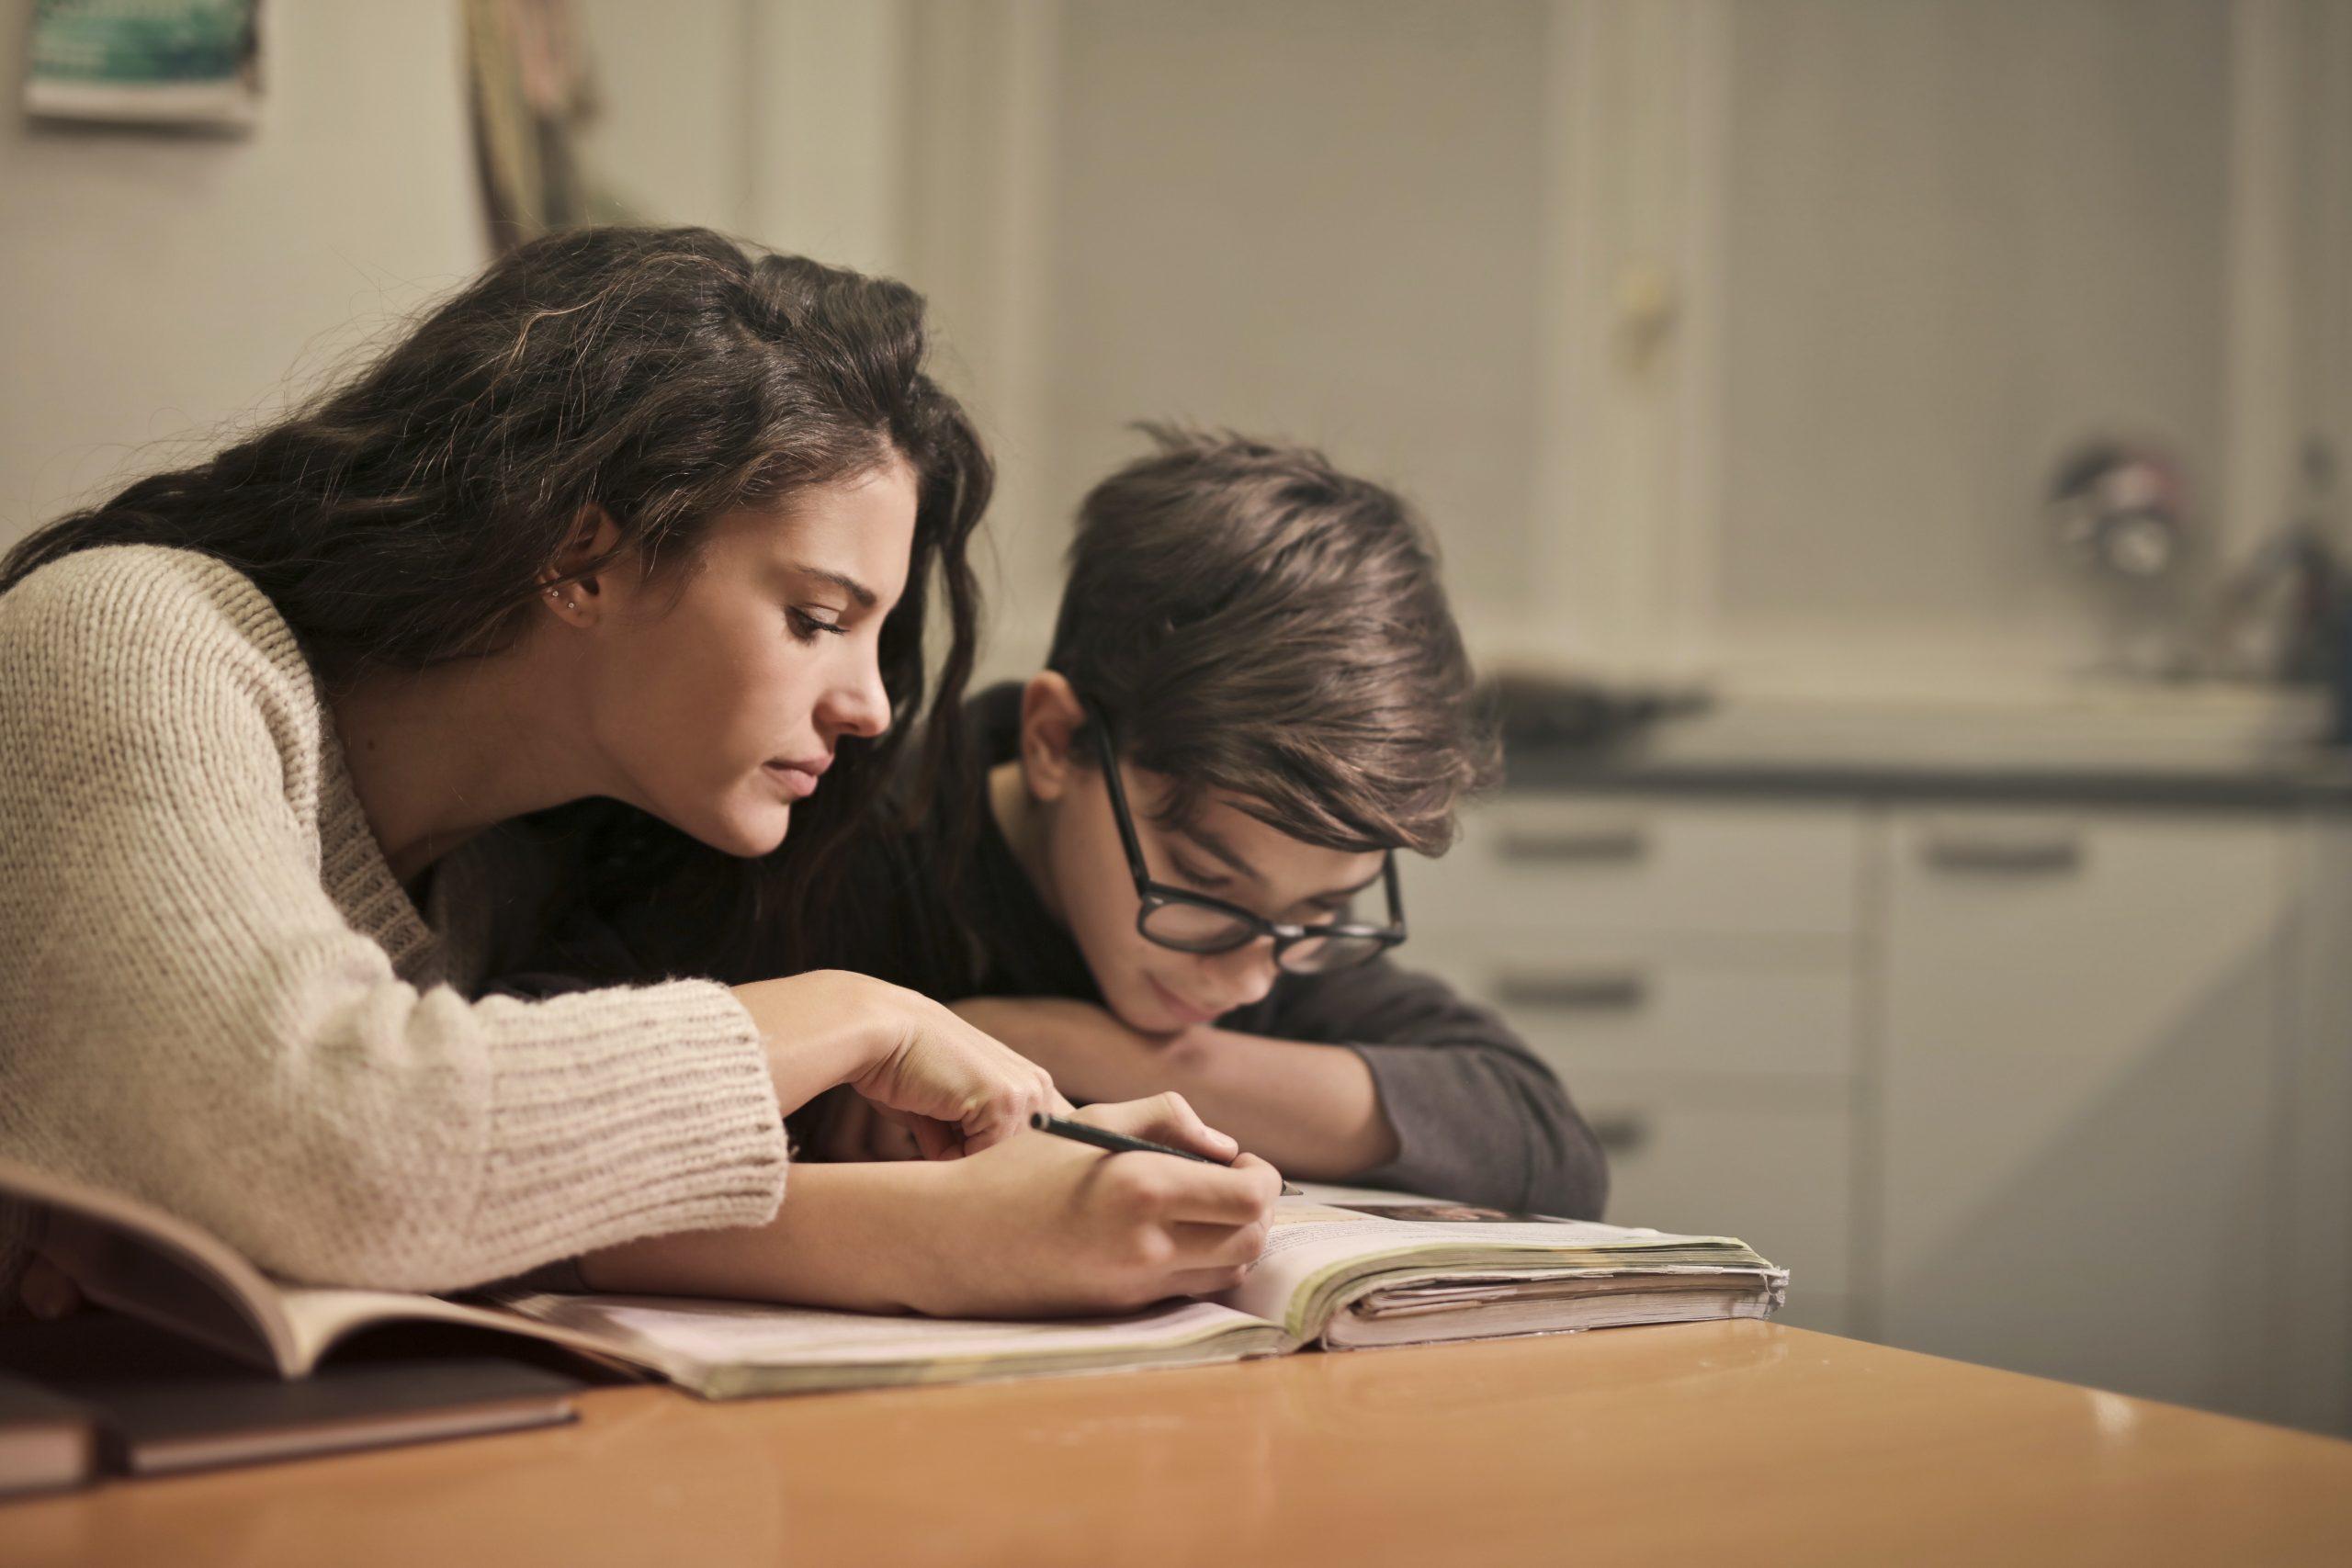 ITB Wiesbaden - Publikation - Corona: Homeschooling und Homeoffice: Besondere Belastungen für Eltern